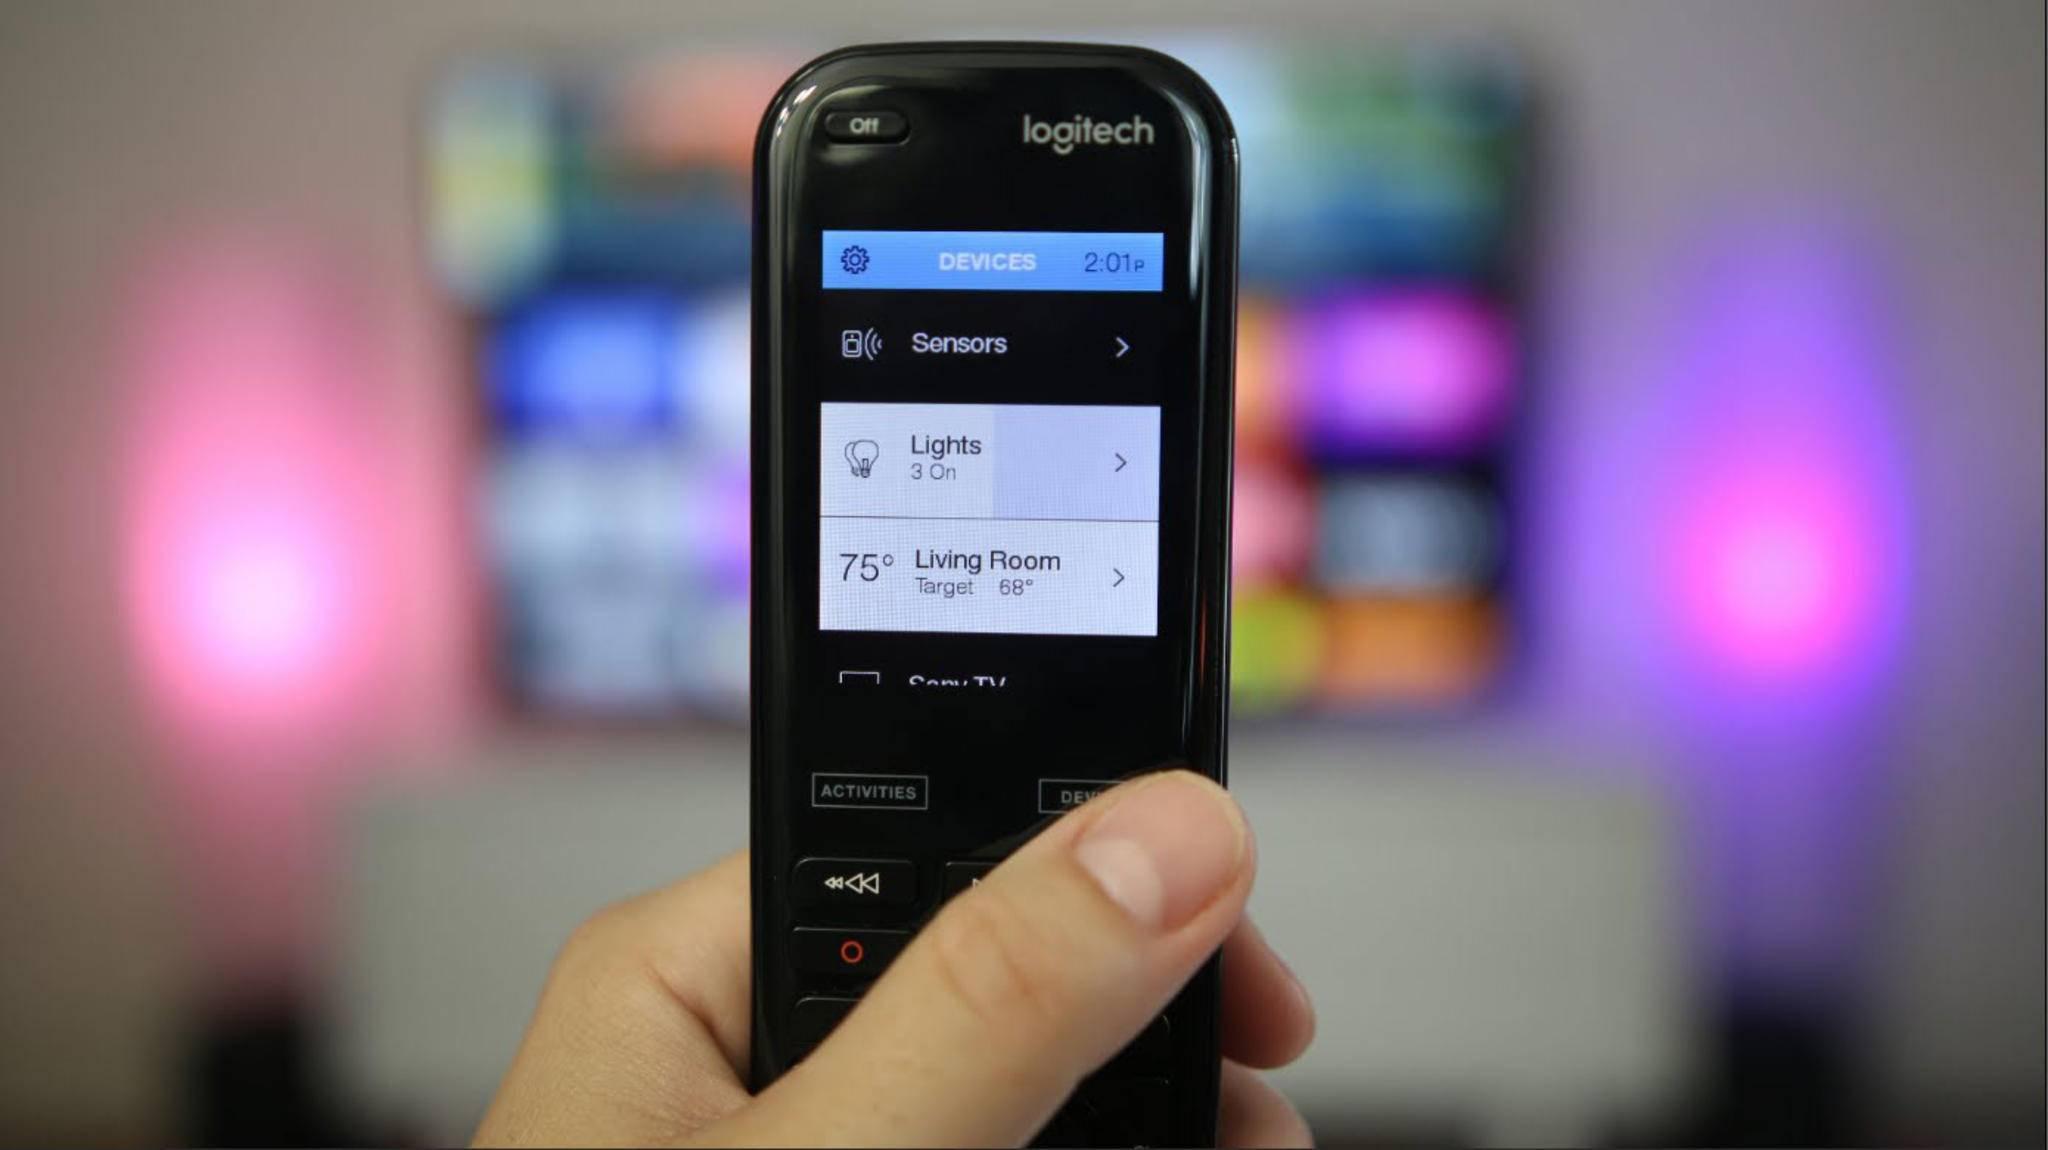 Moderne Universalfernbedienungen ermöglichen sogar die Steuerung von Smart-Home-Geräten.